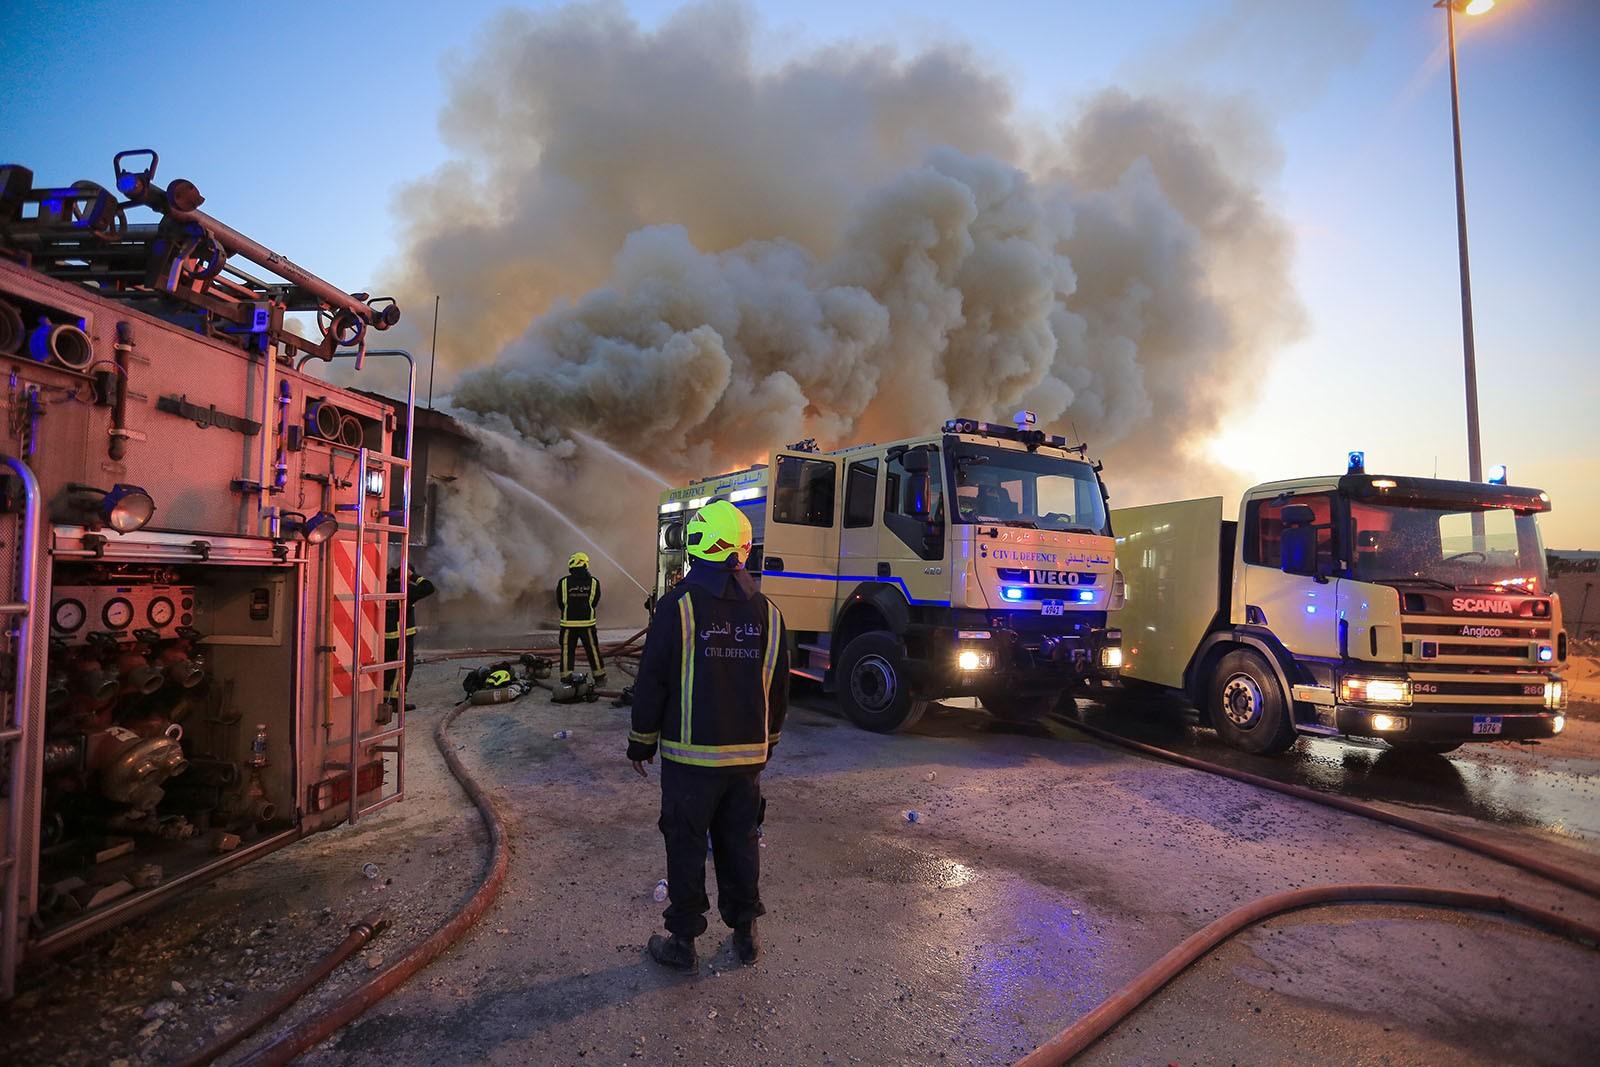 بالصور : حريق ضخم يلتهم مركز تجاري في منطقة النويدرات